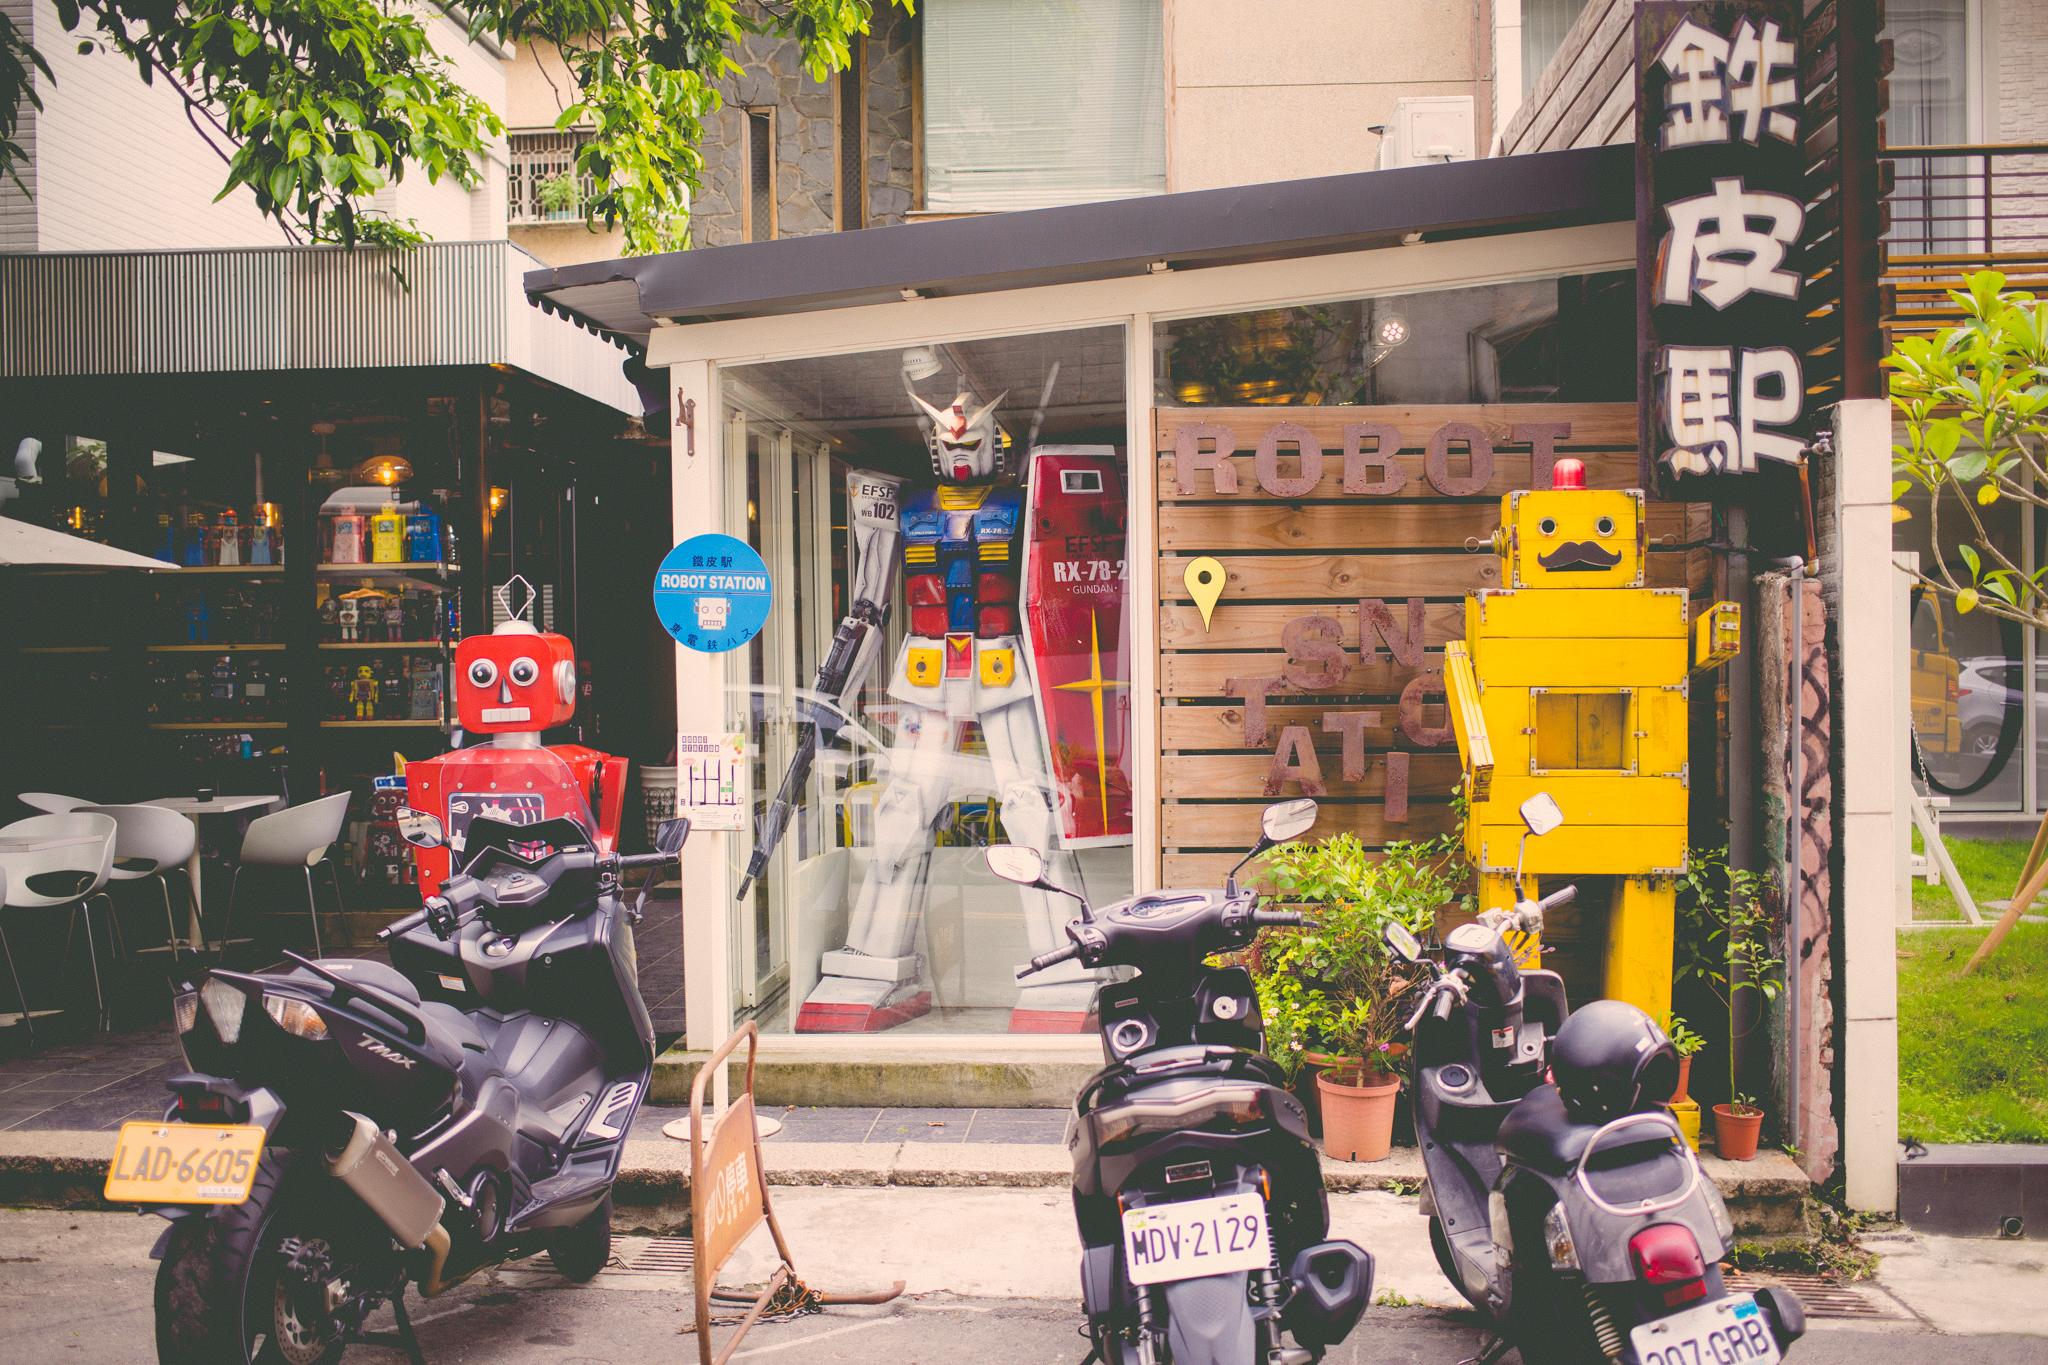 Robot Station Cafe